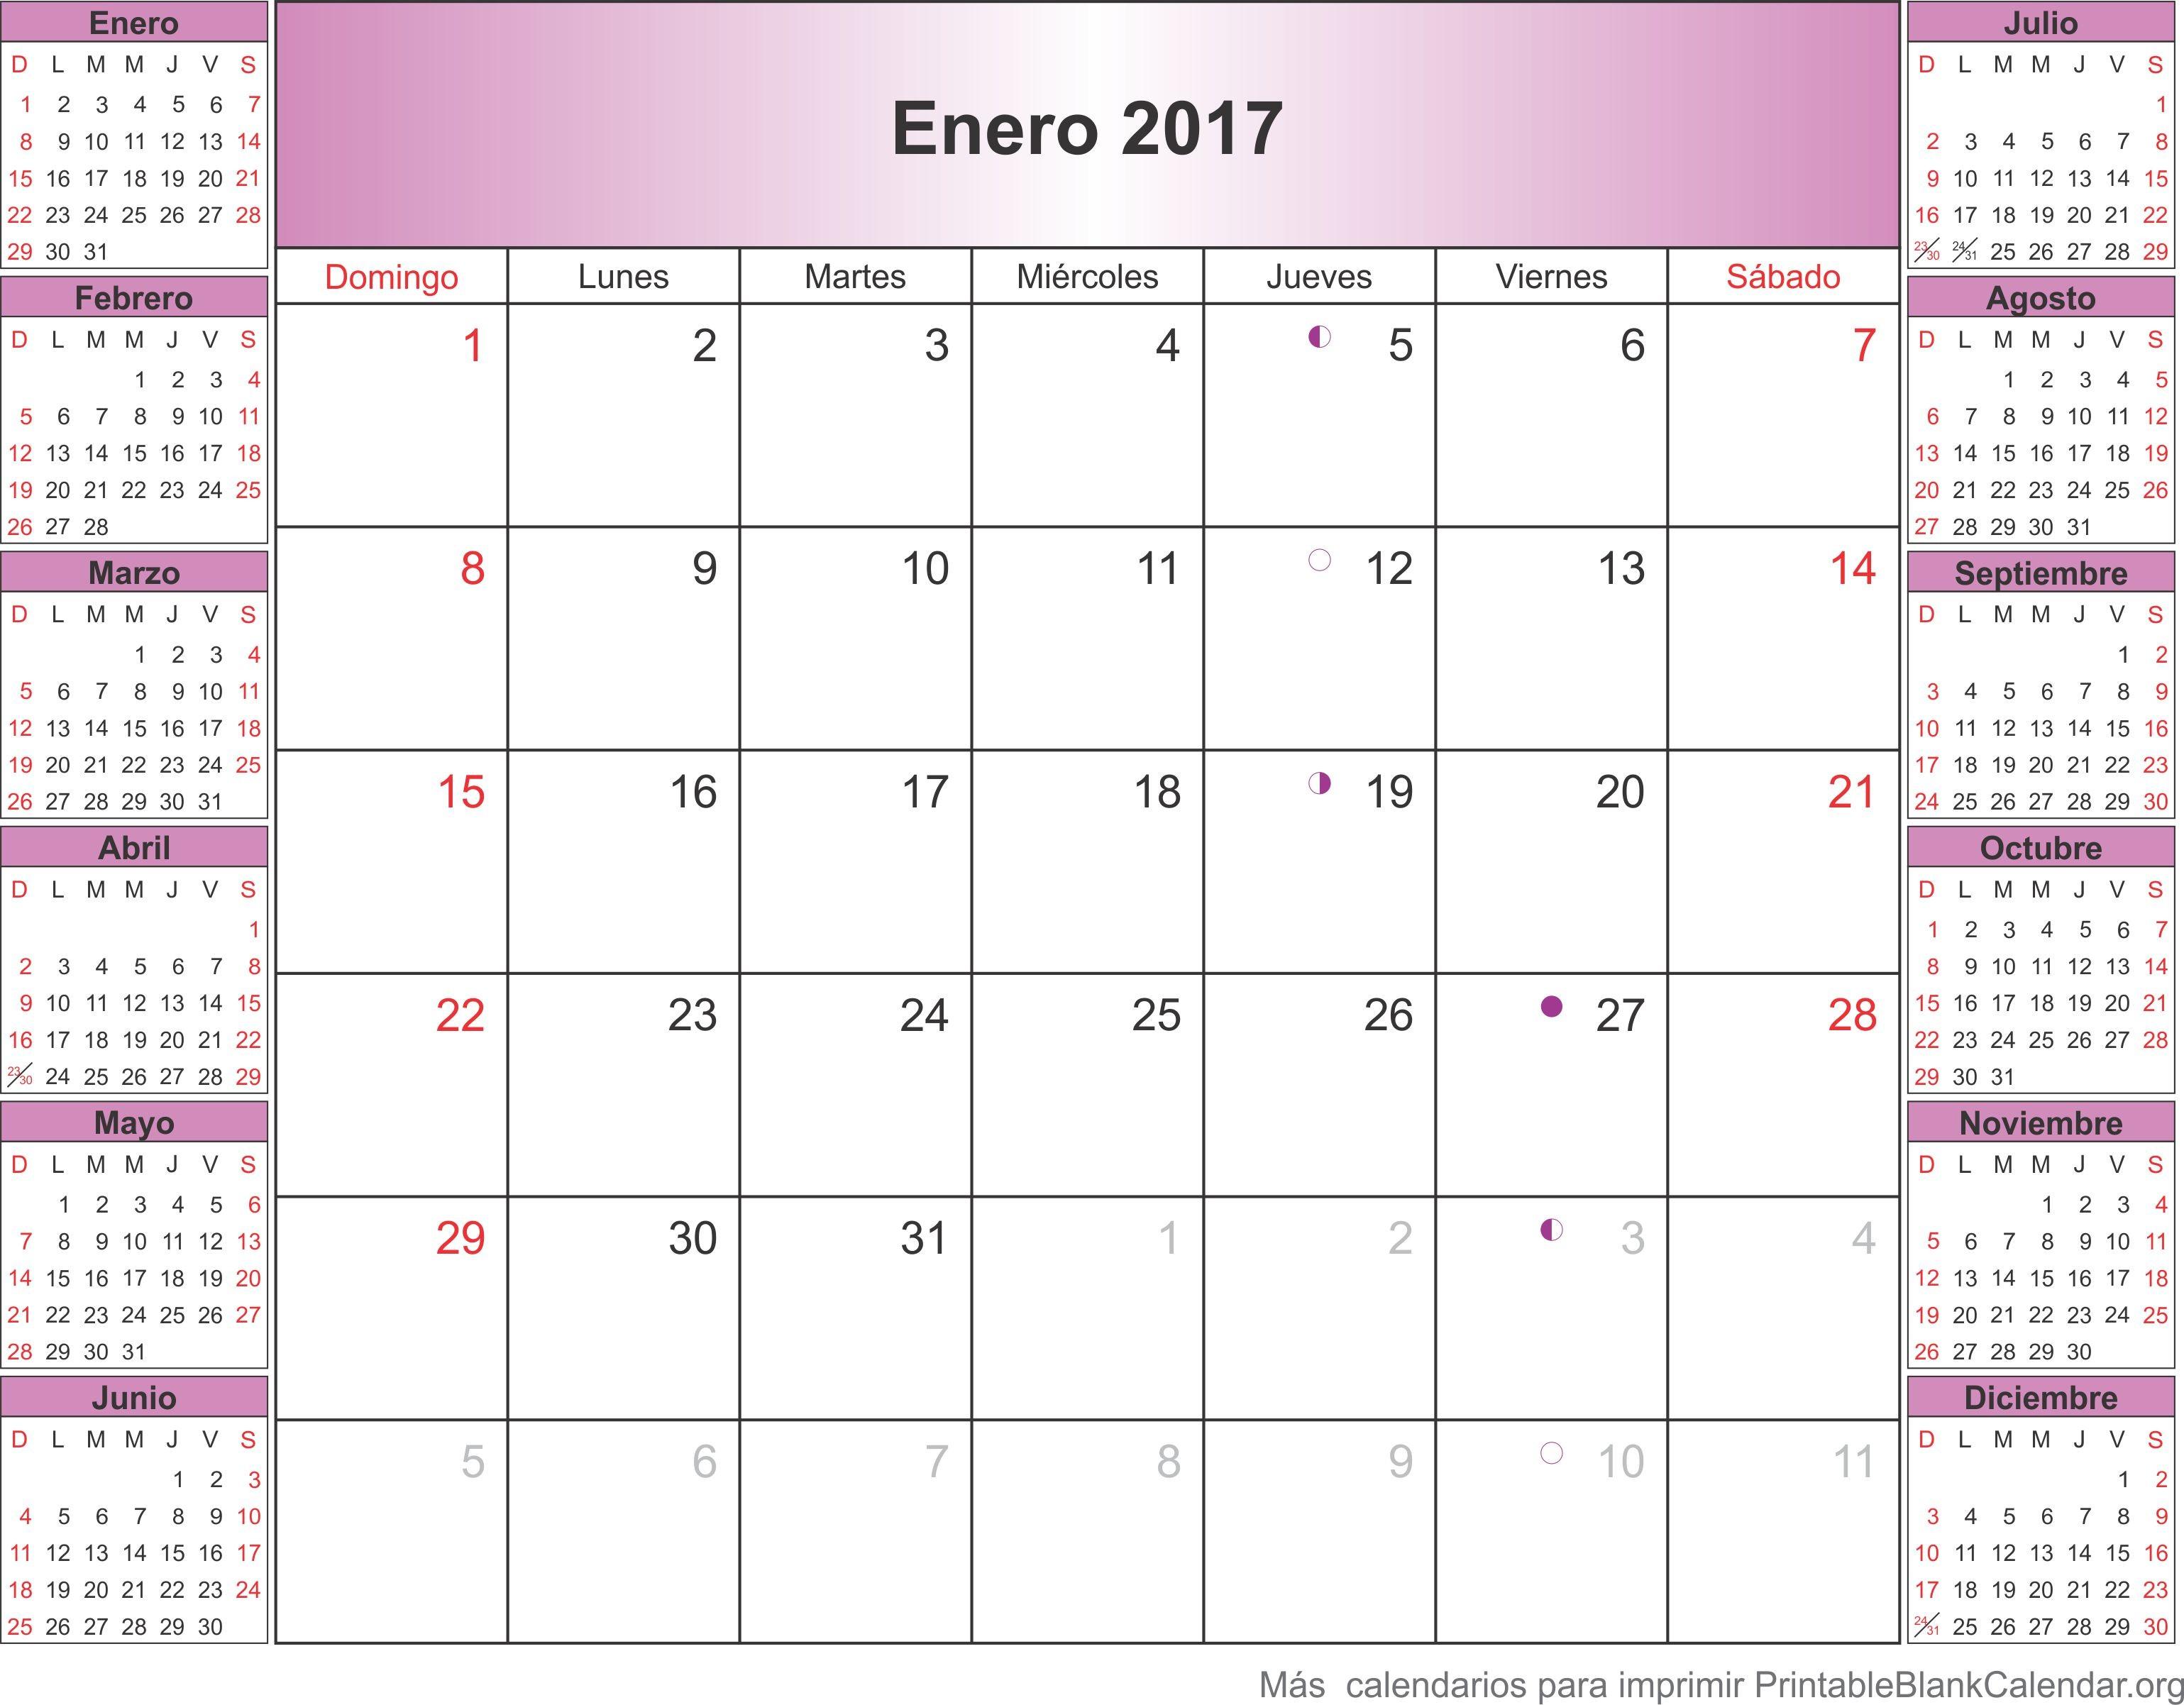 enero 2017 agenda